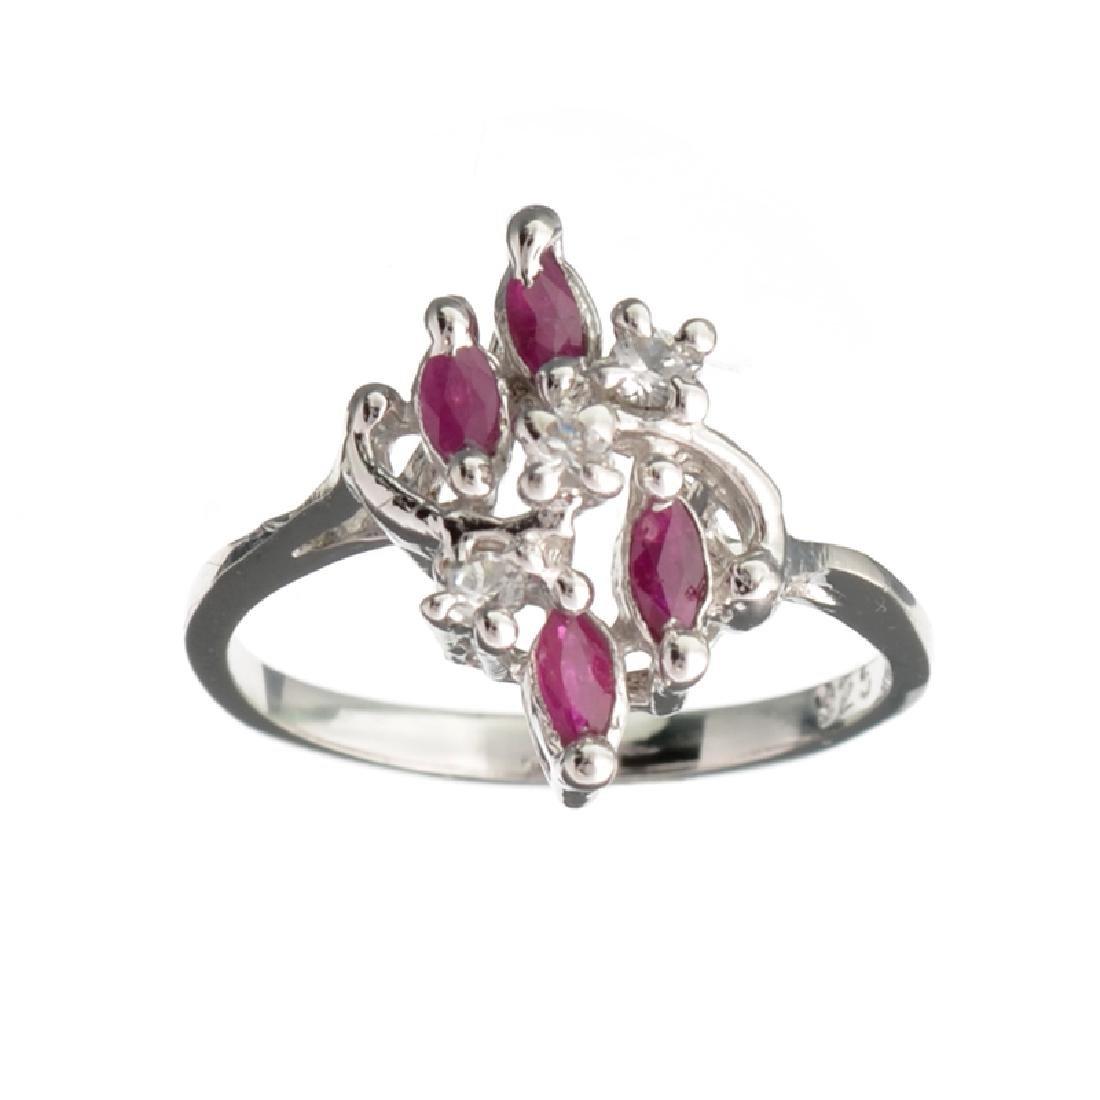 APP: 1k Fine Jewelry 0.50CT Ruby And Topaz Platinum